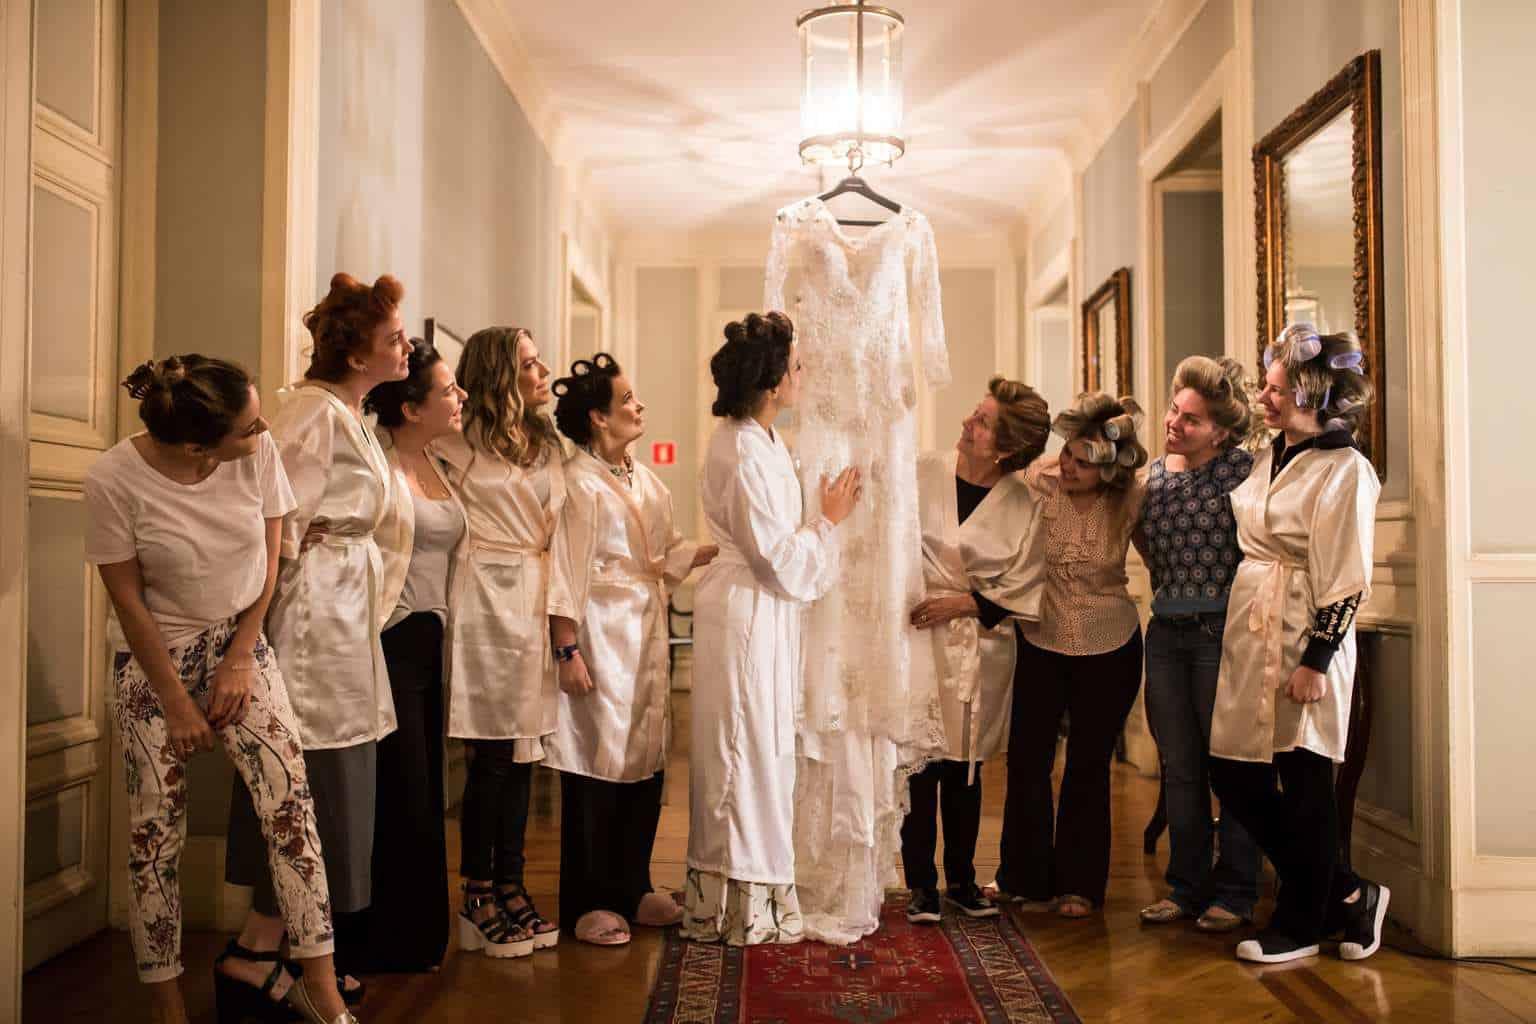 casamento-fernanda-e-leandro-casamento-sp-Fotografia-Produtora-7-casamento-clássico-casamento-tradicional-wedding-3